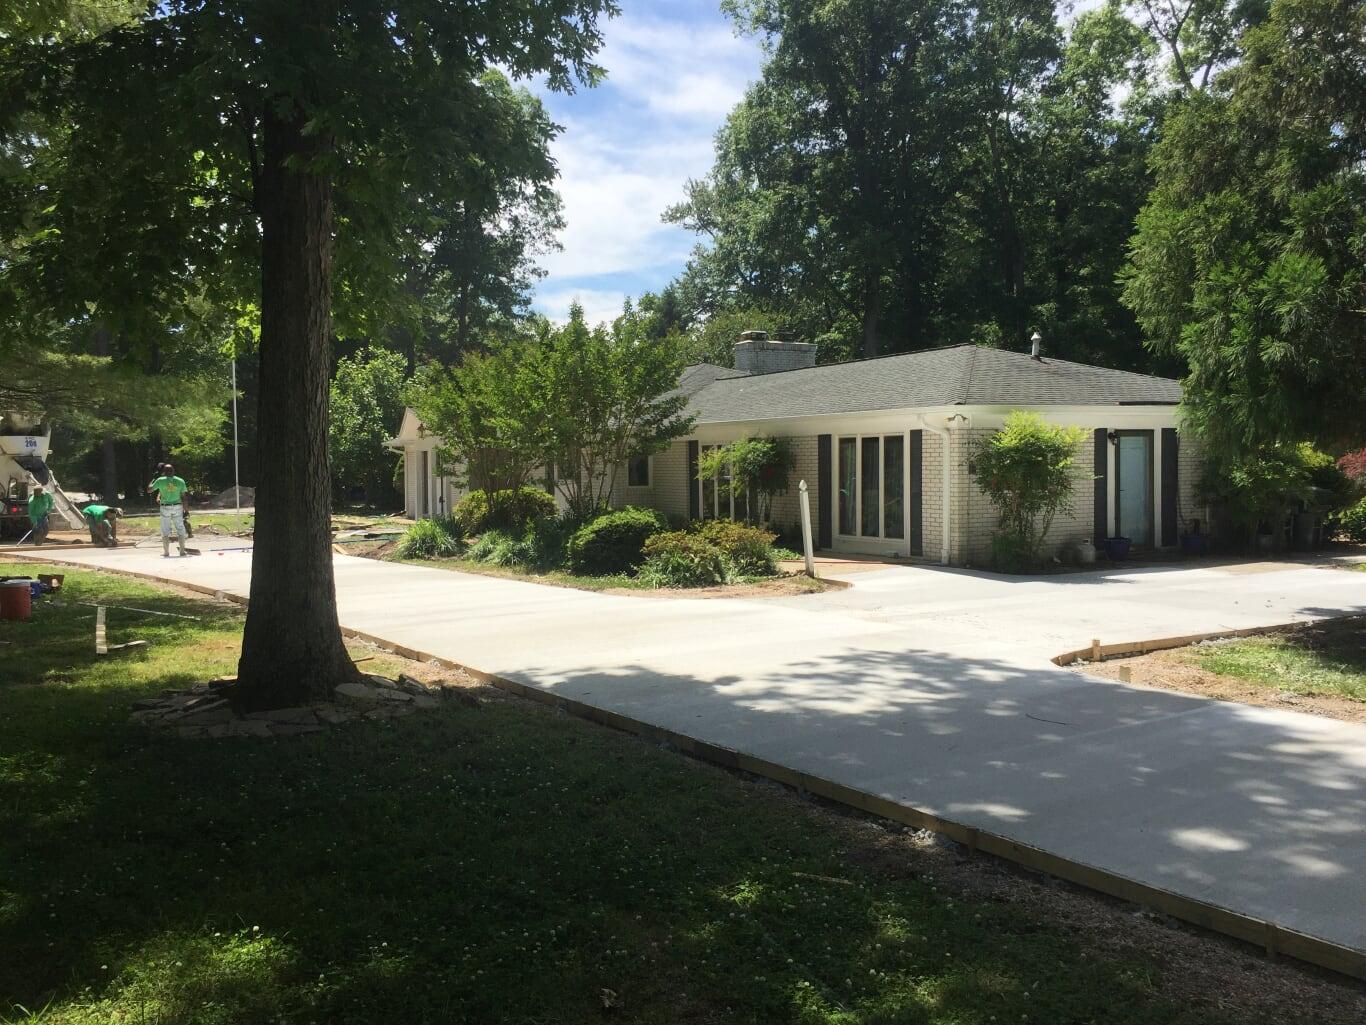 Concrete Driveways by TSP Lawns & Landscapes - Yorktown VA